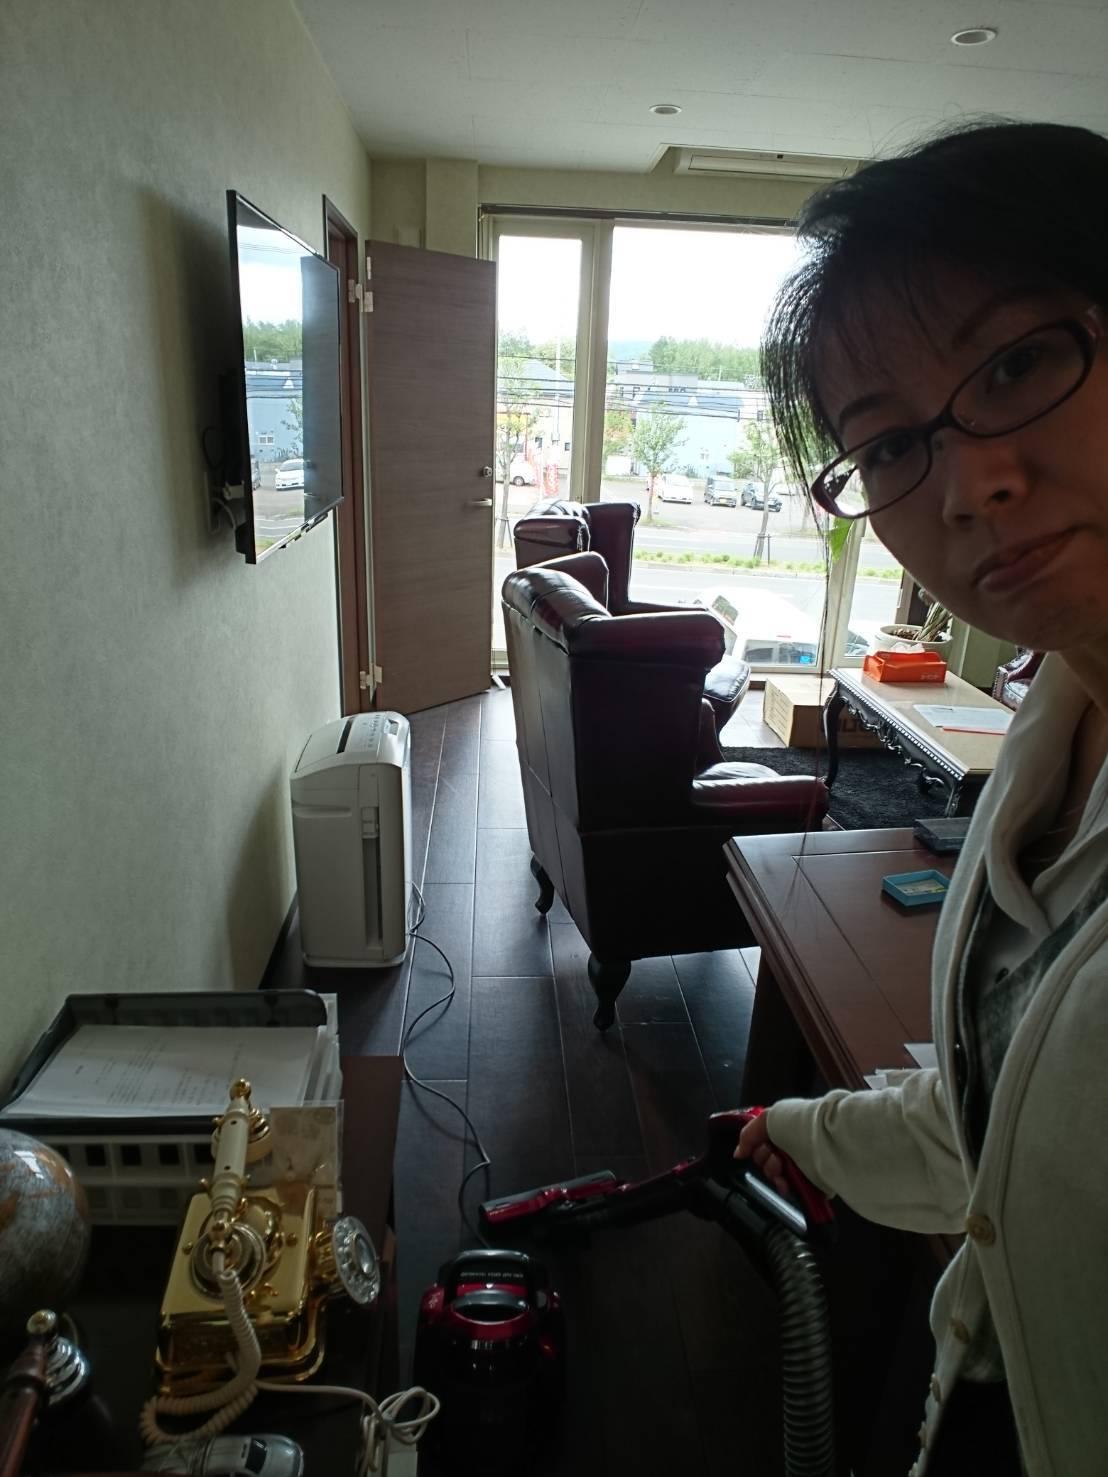 6月22日(金) 山&橋 本がお届けします。TOMMYの1日~ ランクル ハマーアルファード_b0127002_17465482.jpg